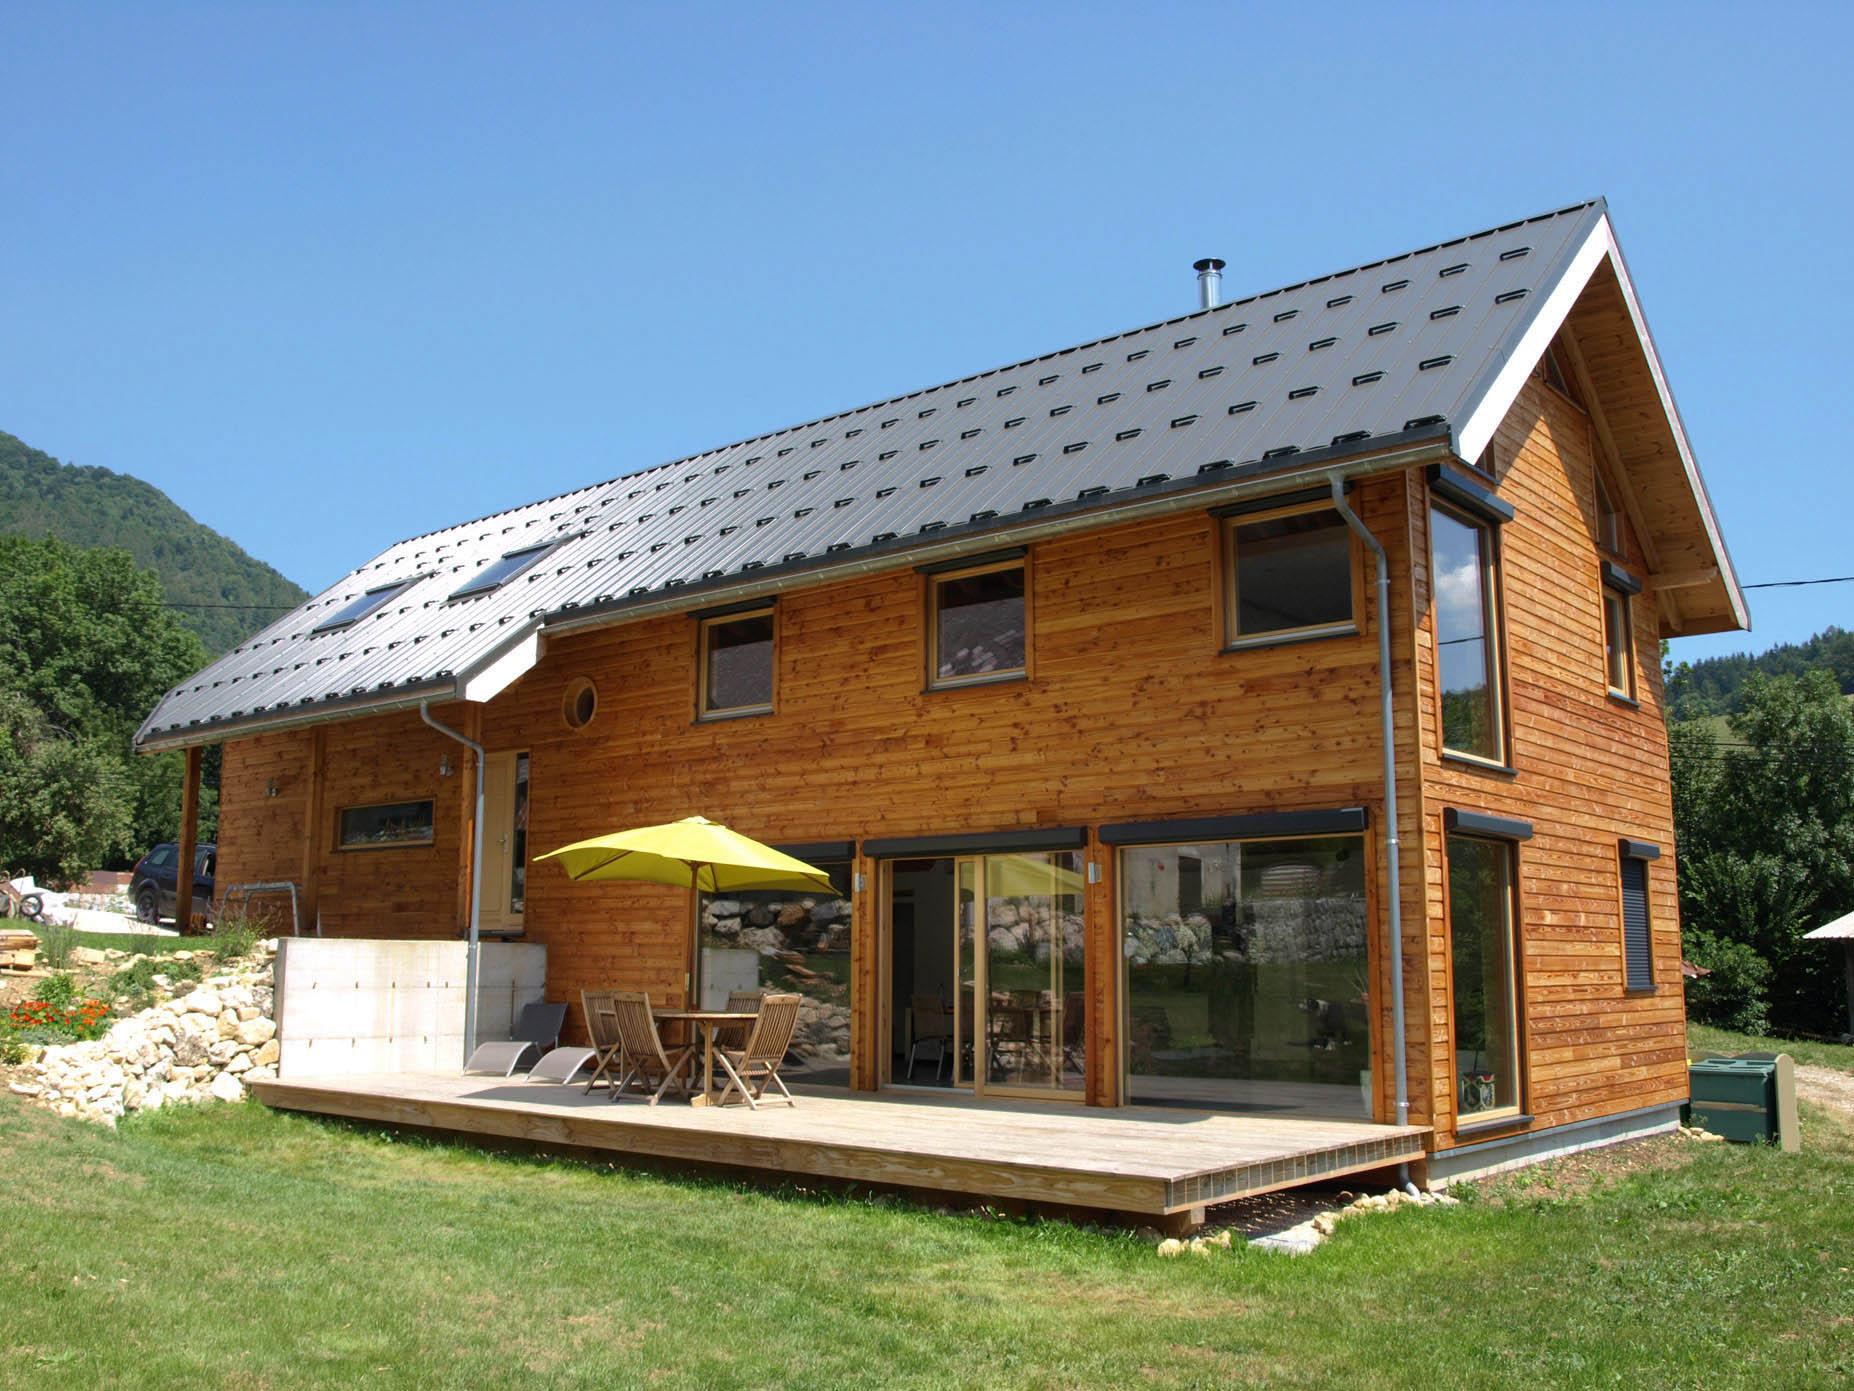 Ossature bois Vercors BBC ; facade ouest